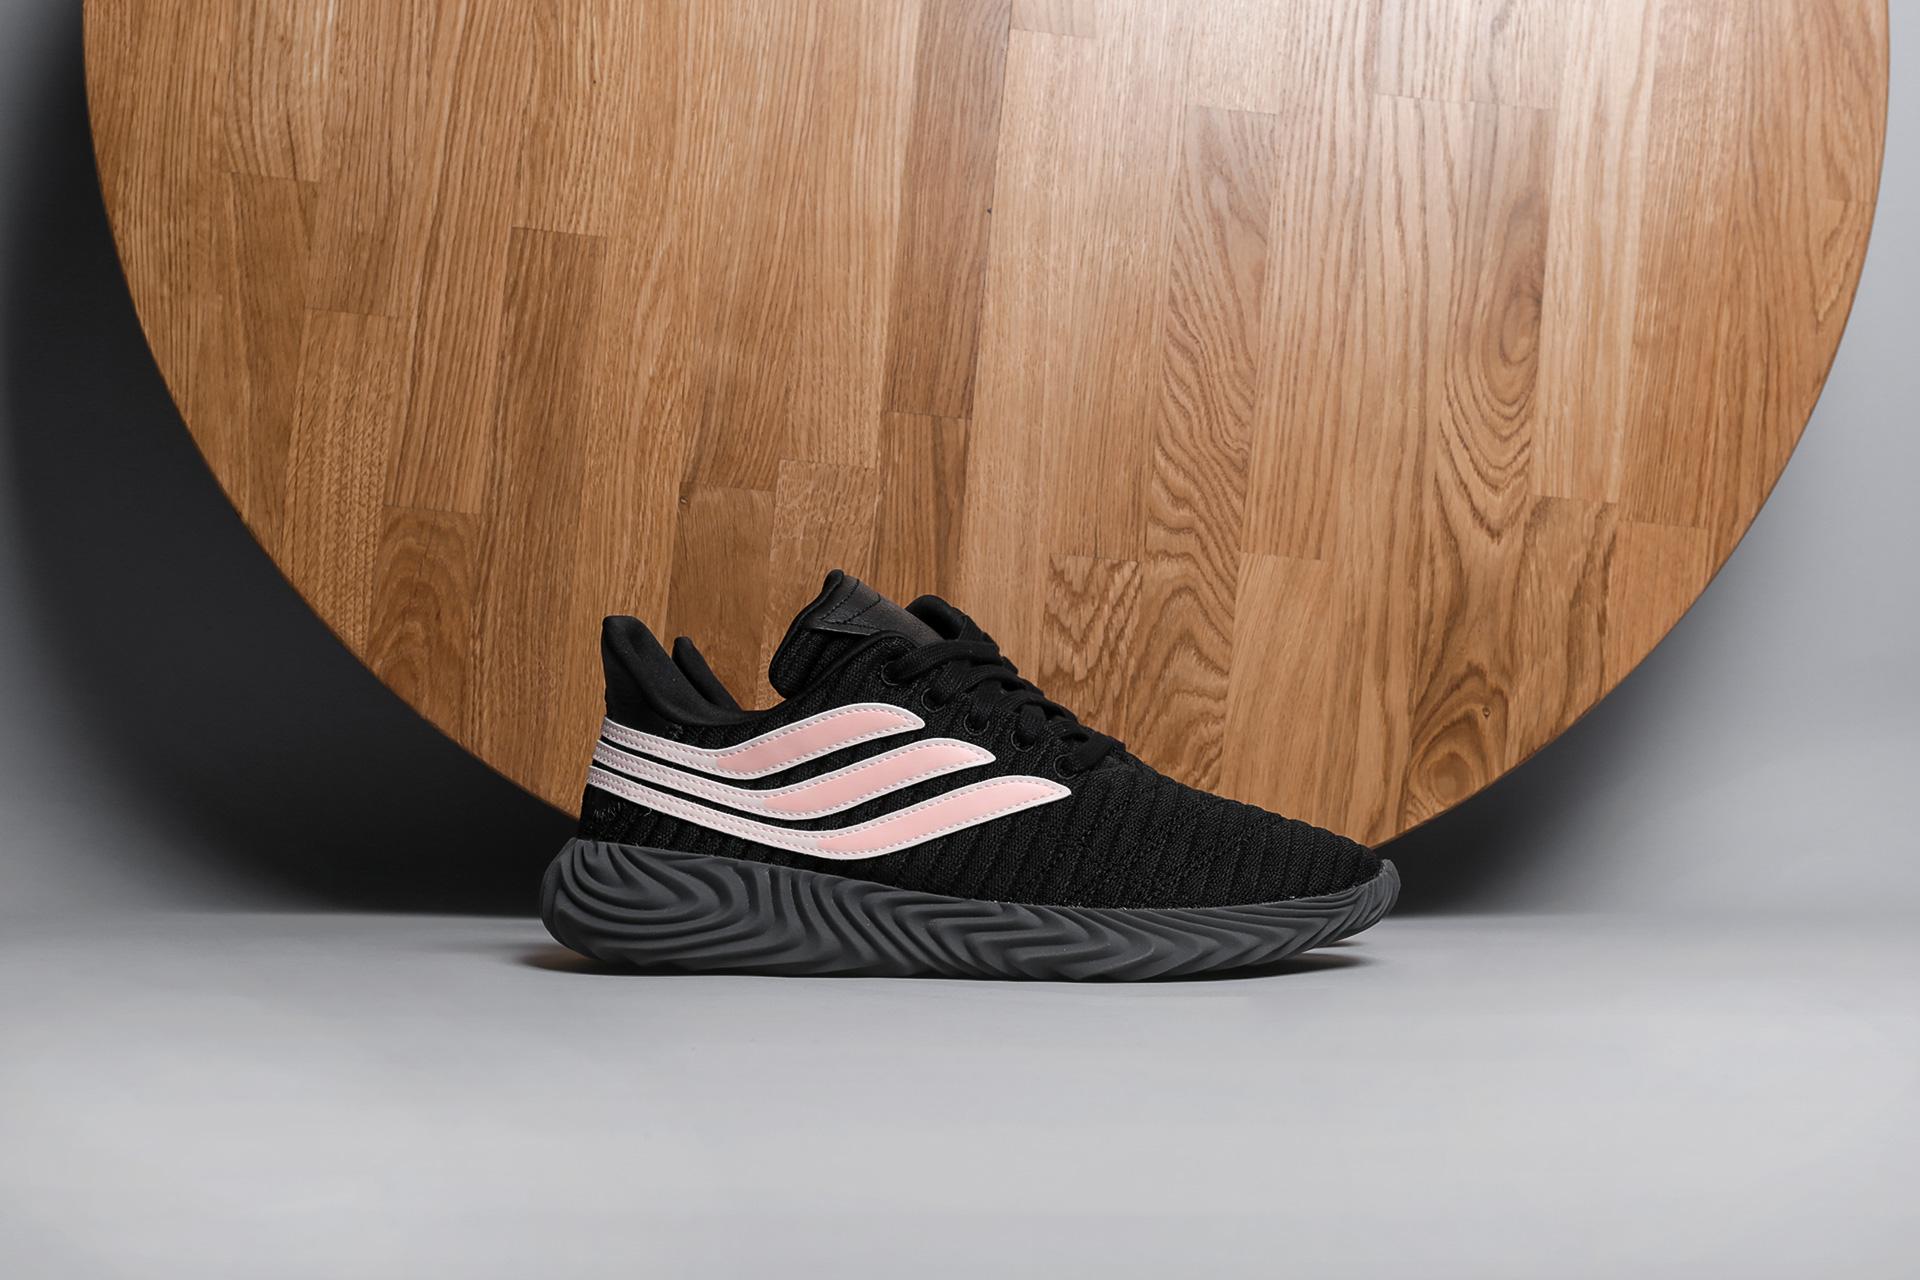 6cffeb02 Купить черные мужские кроссовки Sobakov от adidas Originals (BB7674 ...